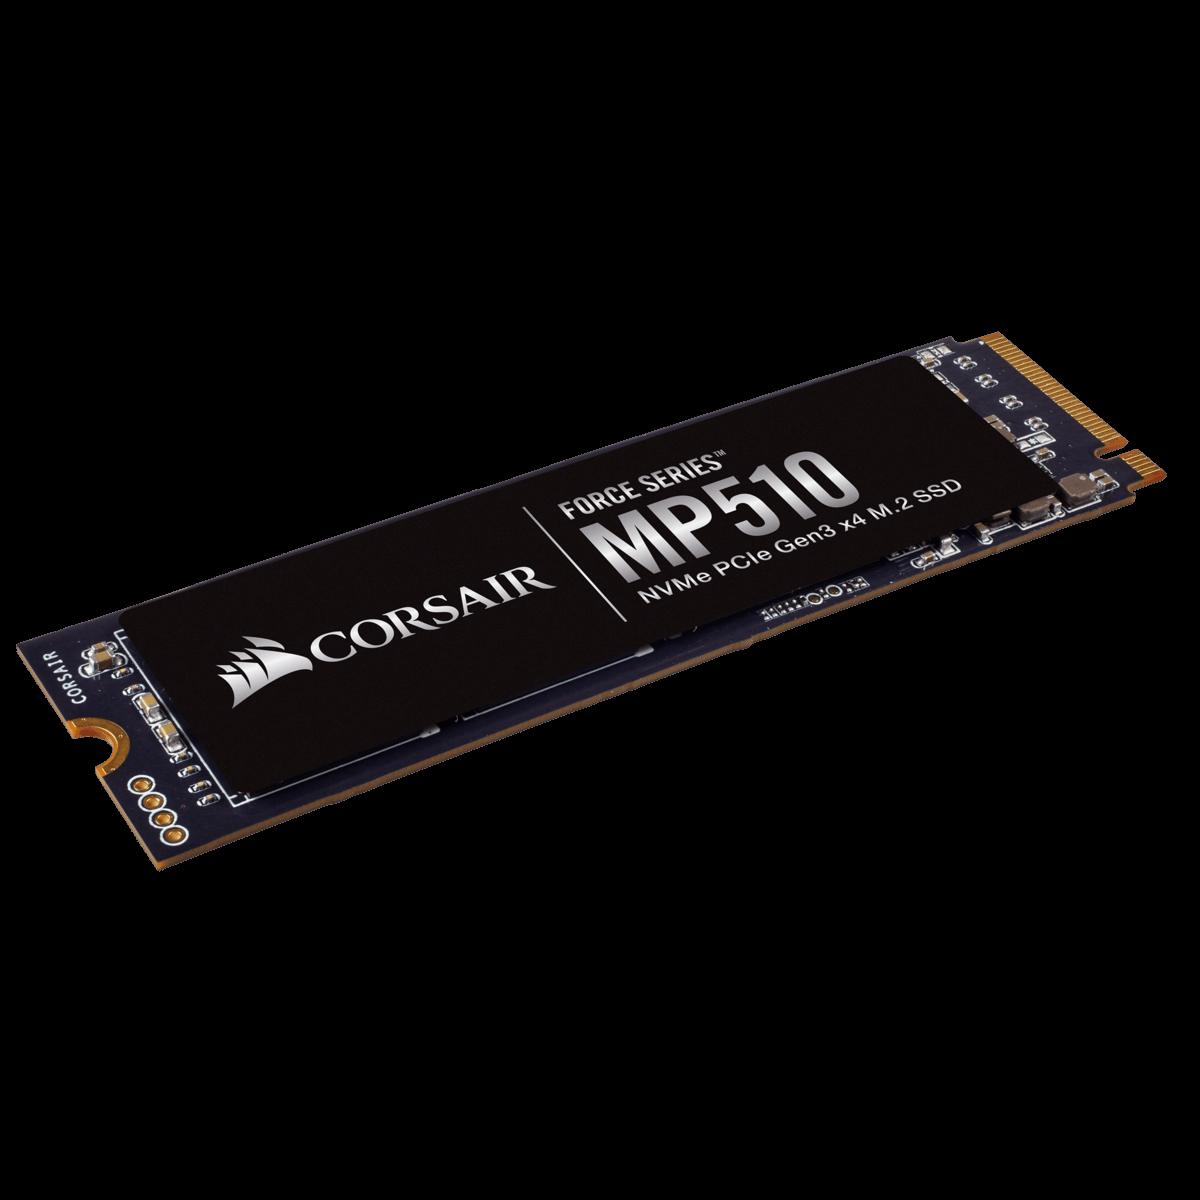 Corsair CSSD-F480GBMP510 480-525Go - Disque SSD Corsair - 3